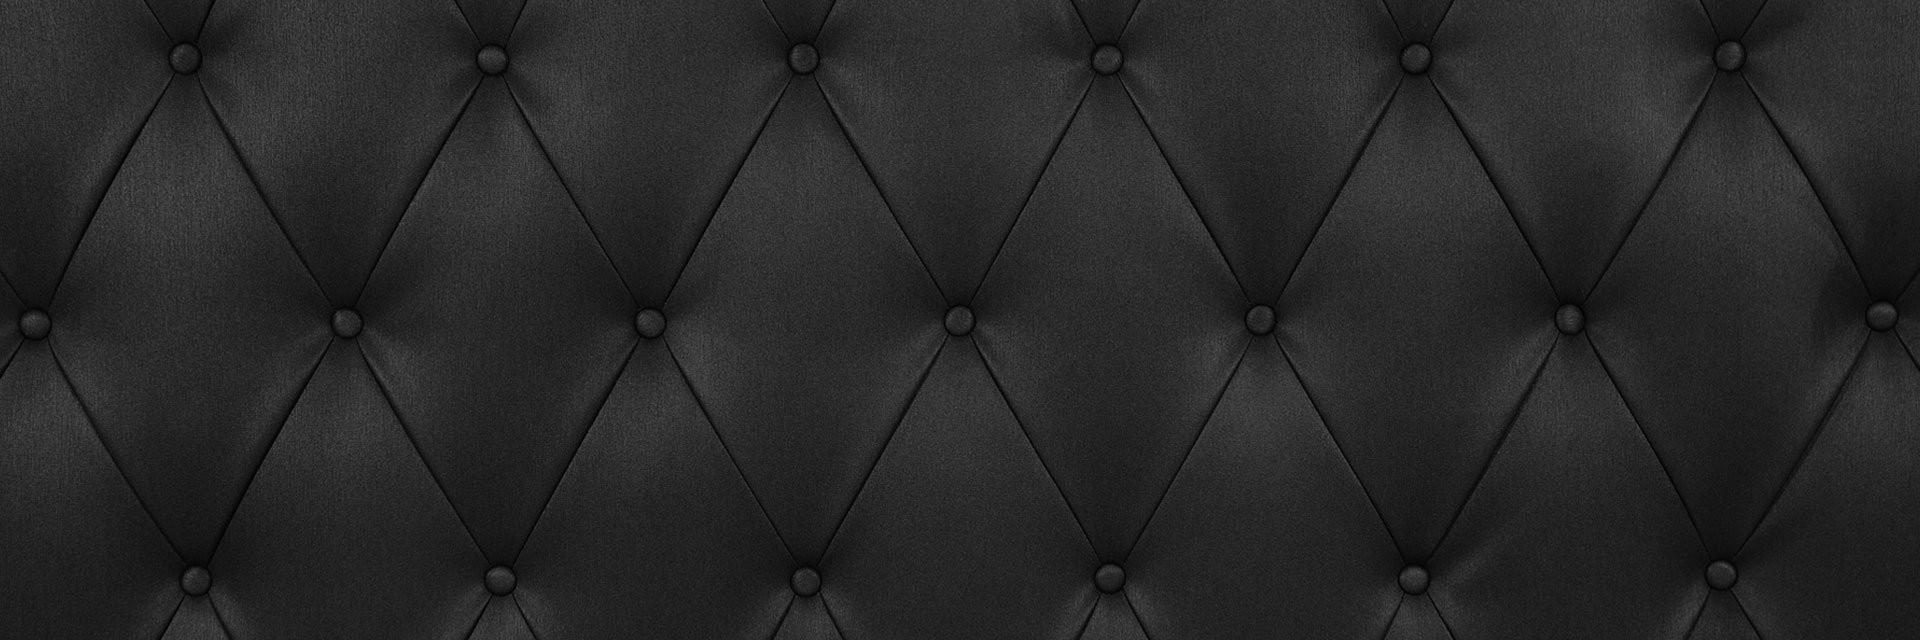 Archer Hotel Austin Leather Belt Wall Excerpt Background